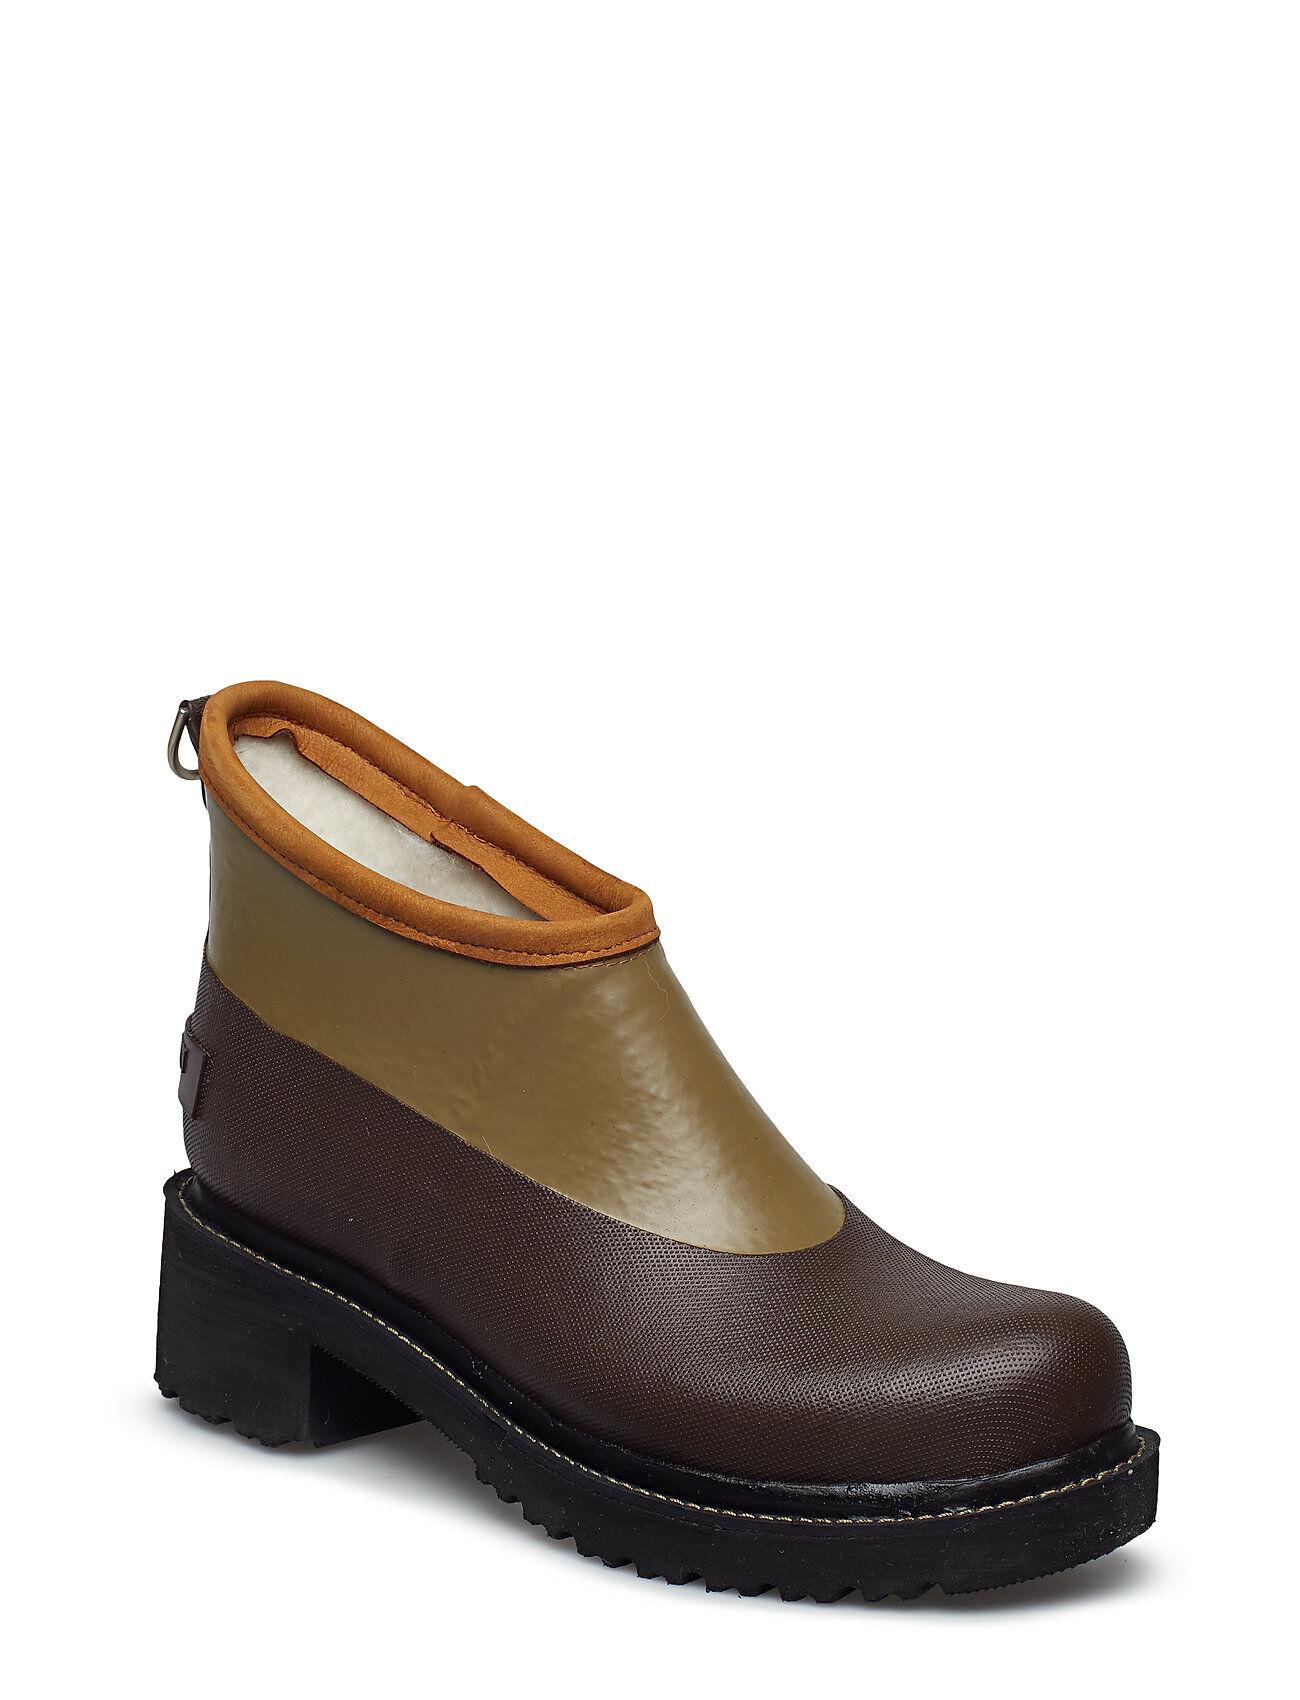 Ilse Jacobsen Short Rubber Boot Kumisaappaat Kengät Ruskea